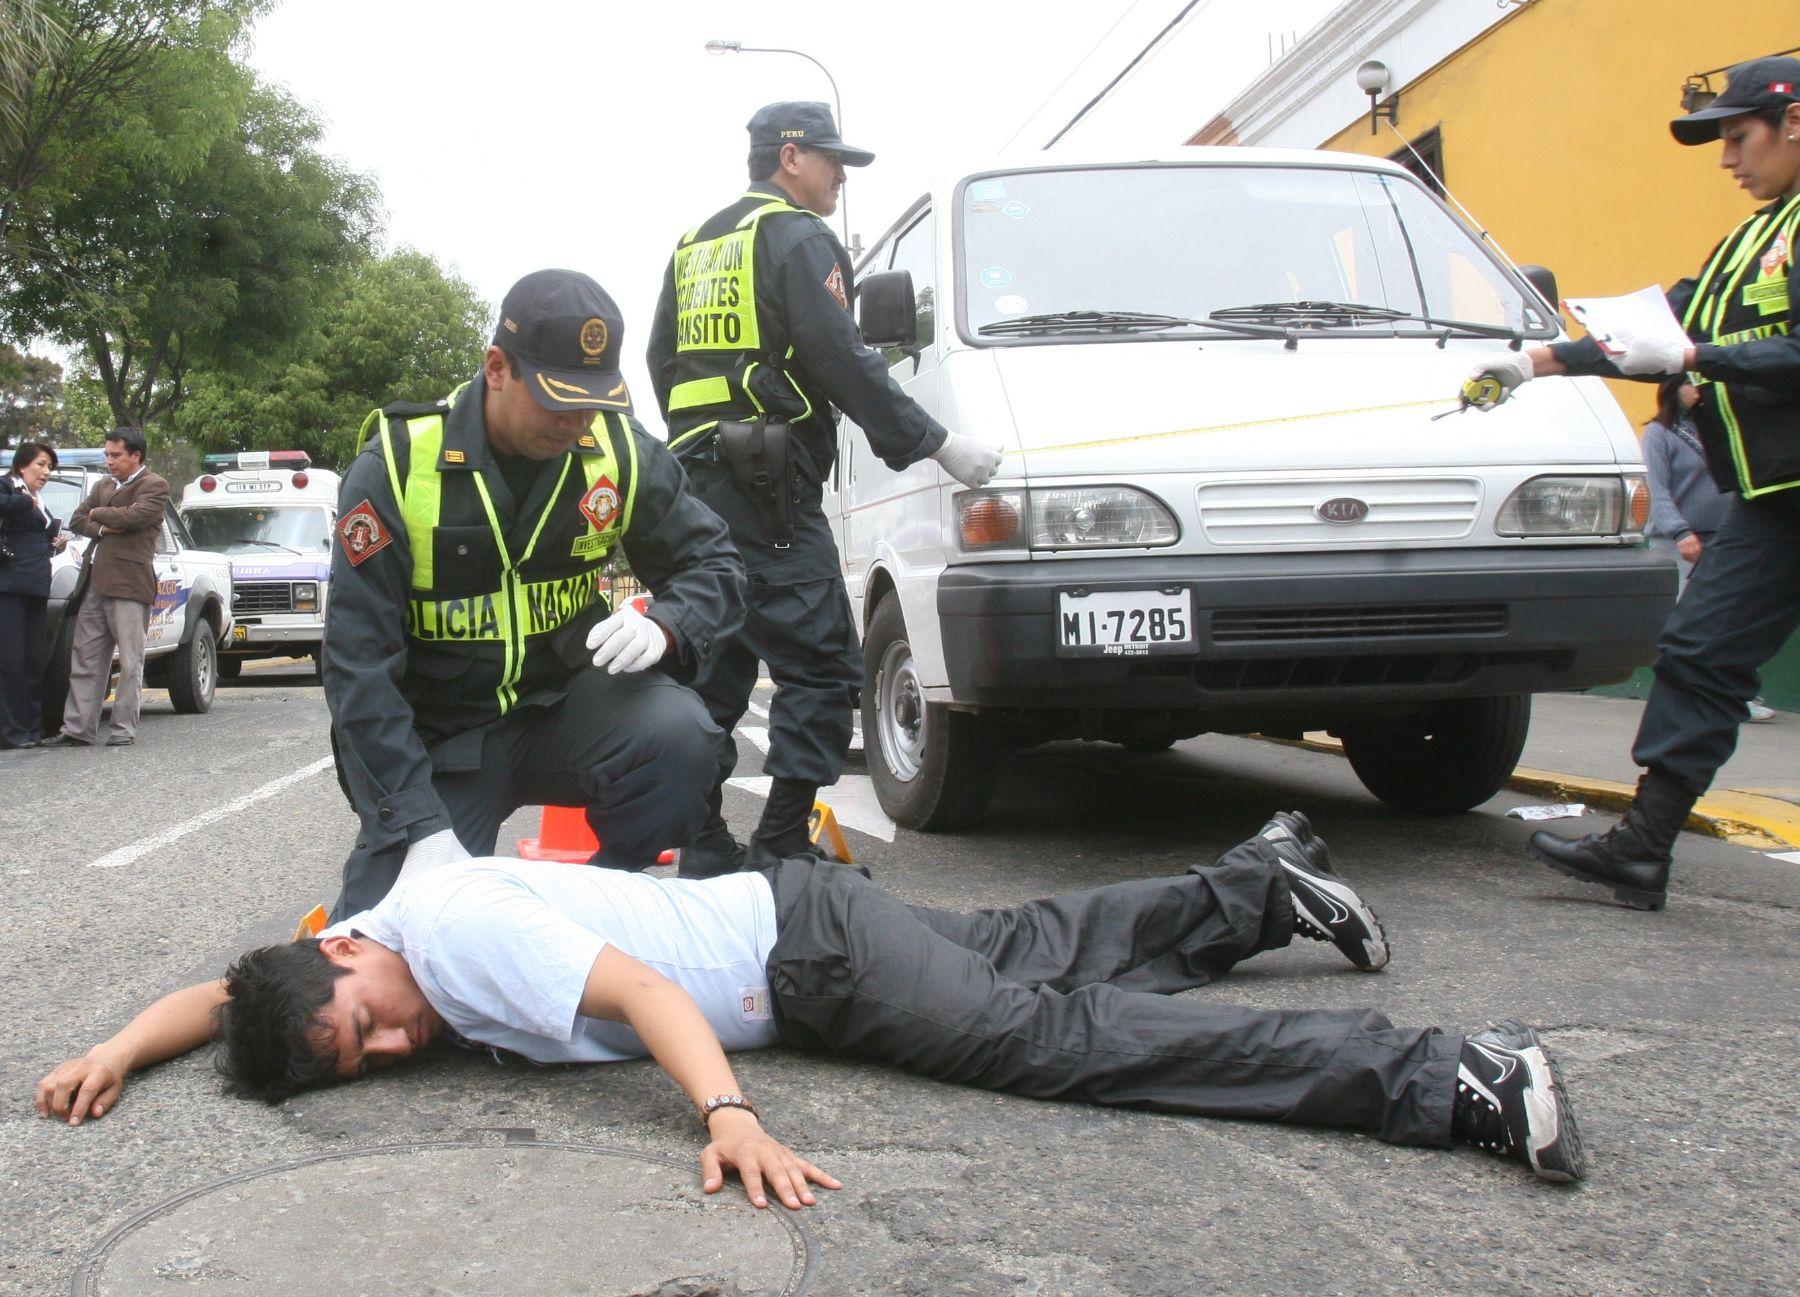 Accidentes de tránsito dejan muertos y heridos en la capital. Foto: ANDINA/Archivo.